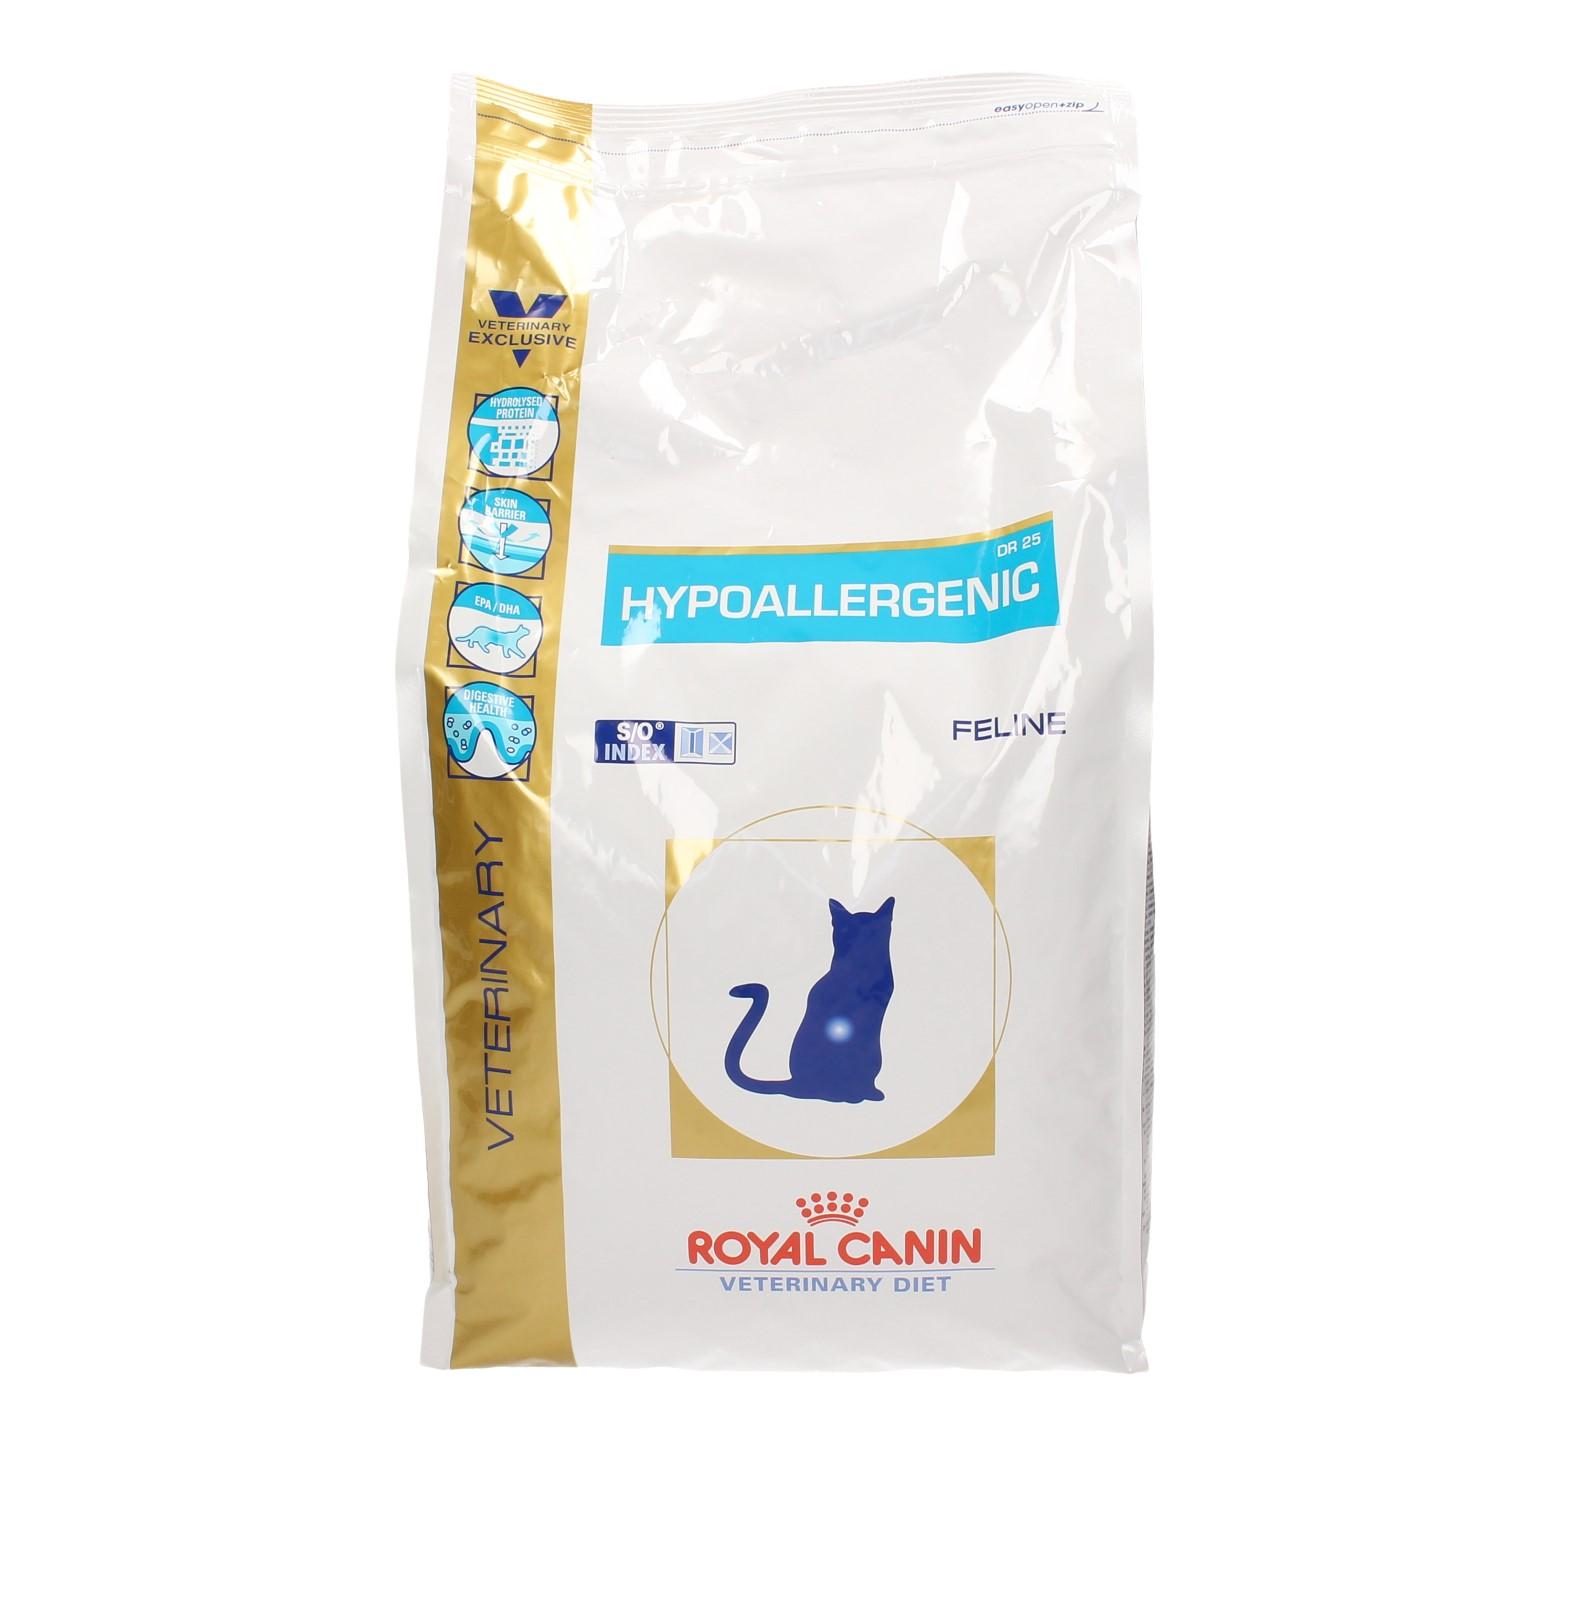 royal canin cat hypoallergenic 4 5 kg karmy kot sklep zoologiczny zoomedical pl. Black Bedroom Furniture Sets. Home Design Ideas